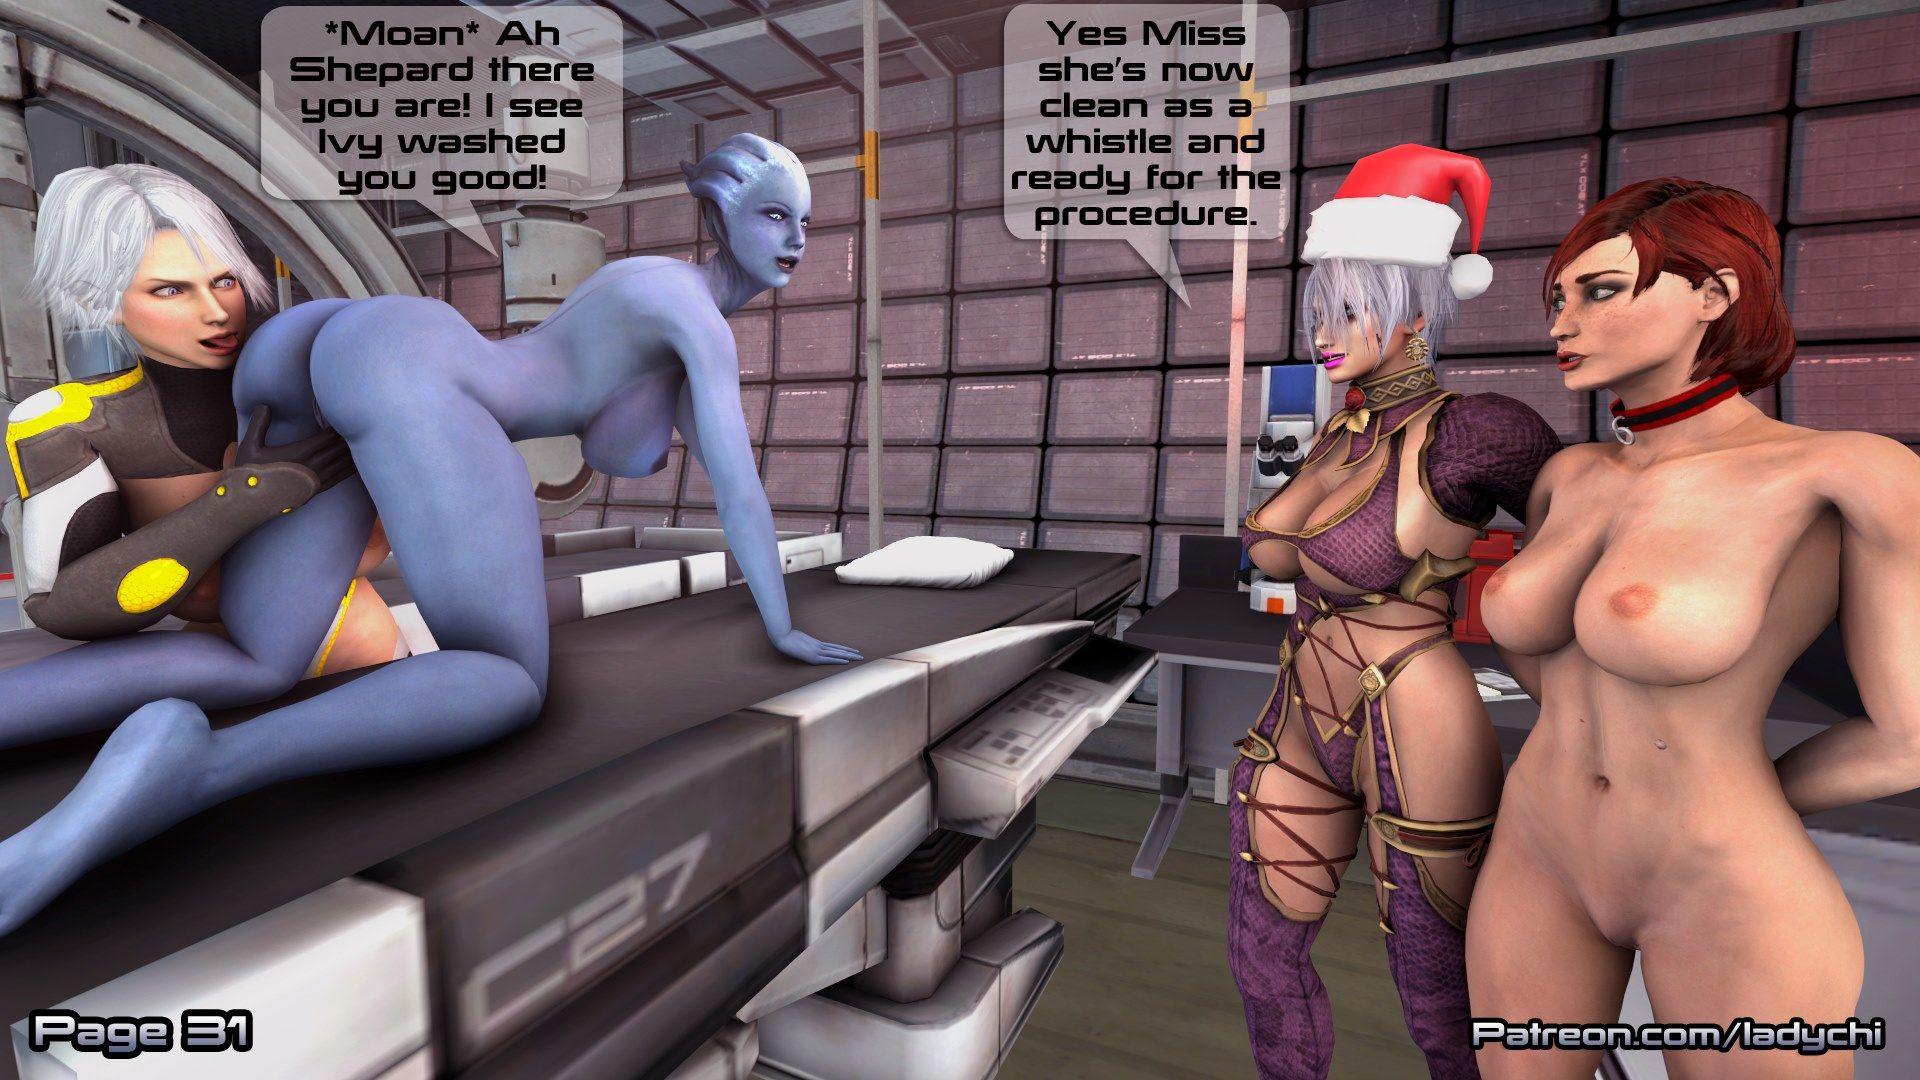 Liara_X-Mass_Gifts!_Ladychi_(Mass_Effect) comix_58072.jpg